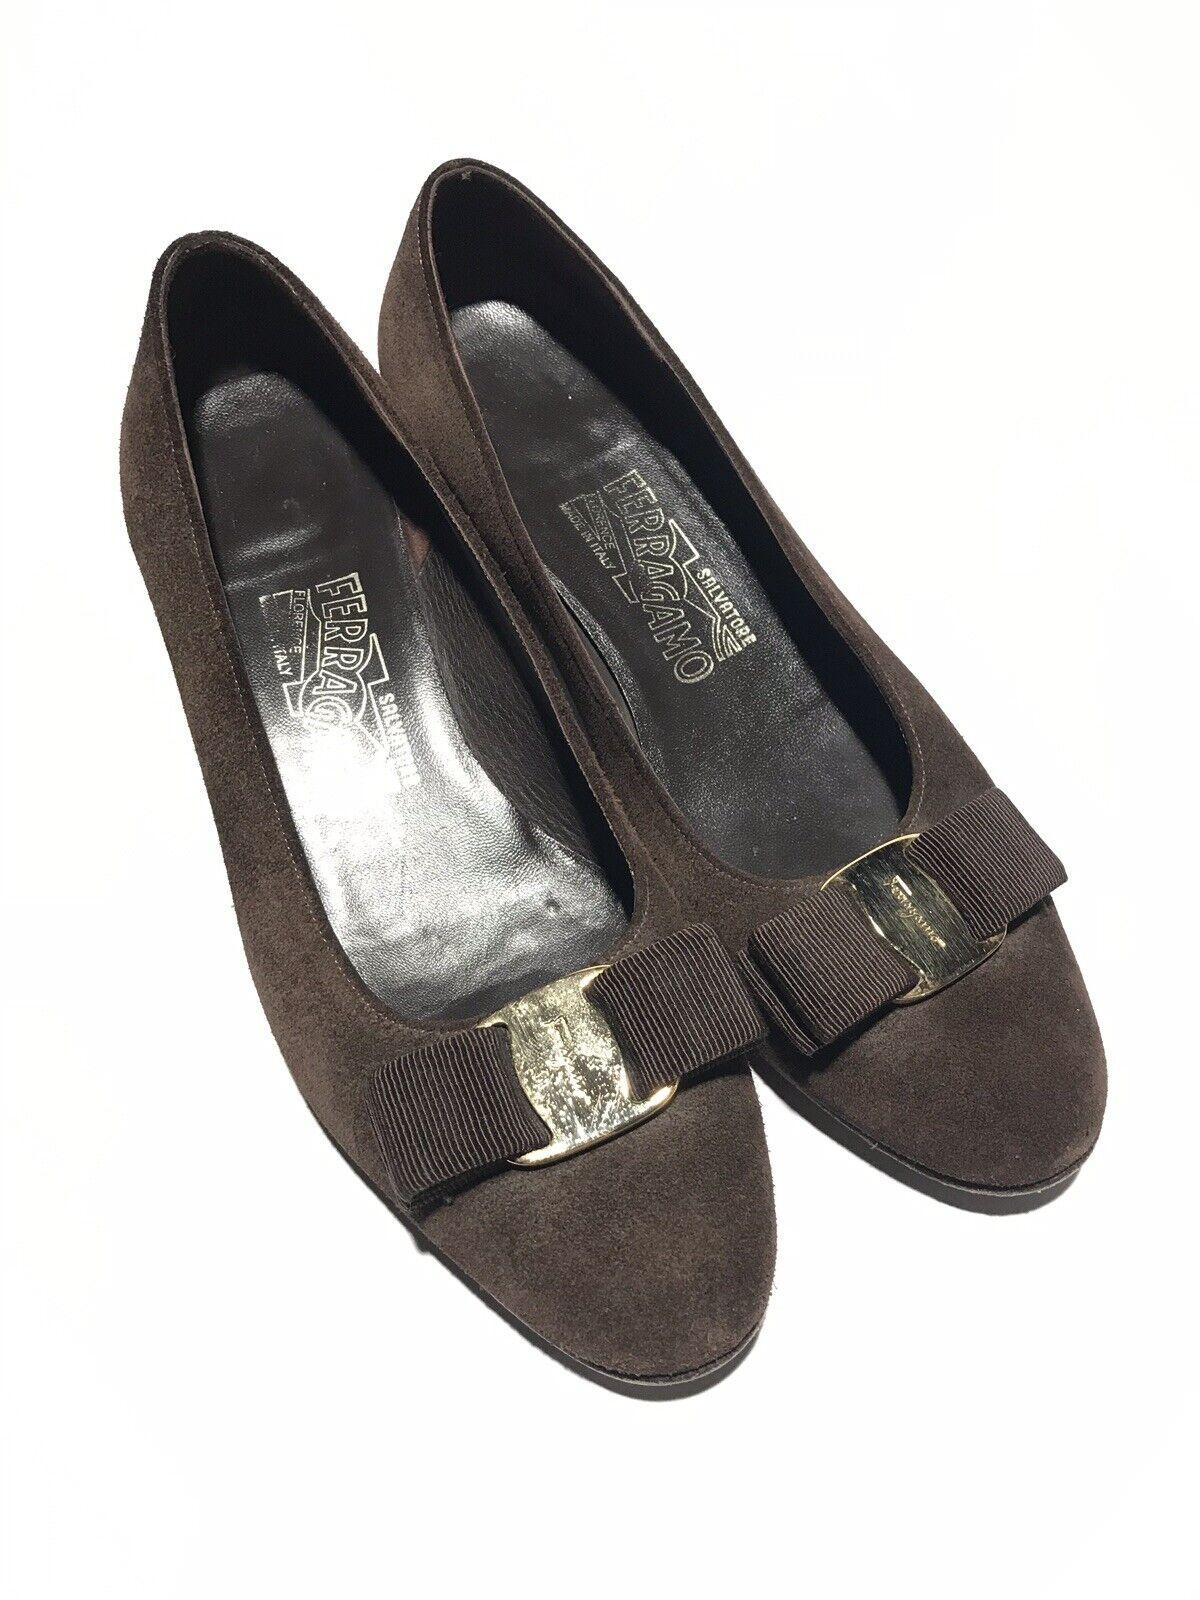 Salvatore Ferragamo Ferragamo Ferragamo Women's Brown Suede Leather Vara Classic Bow Sz 6B 4e81dd